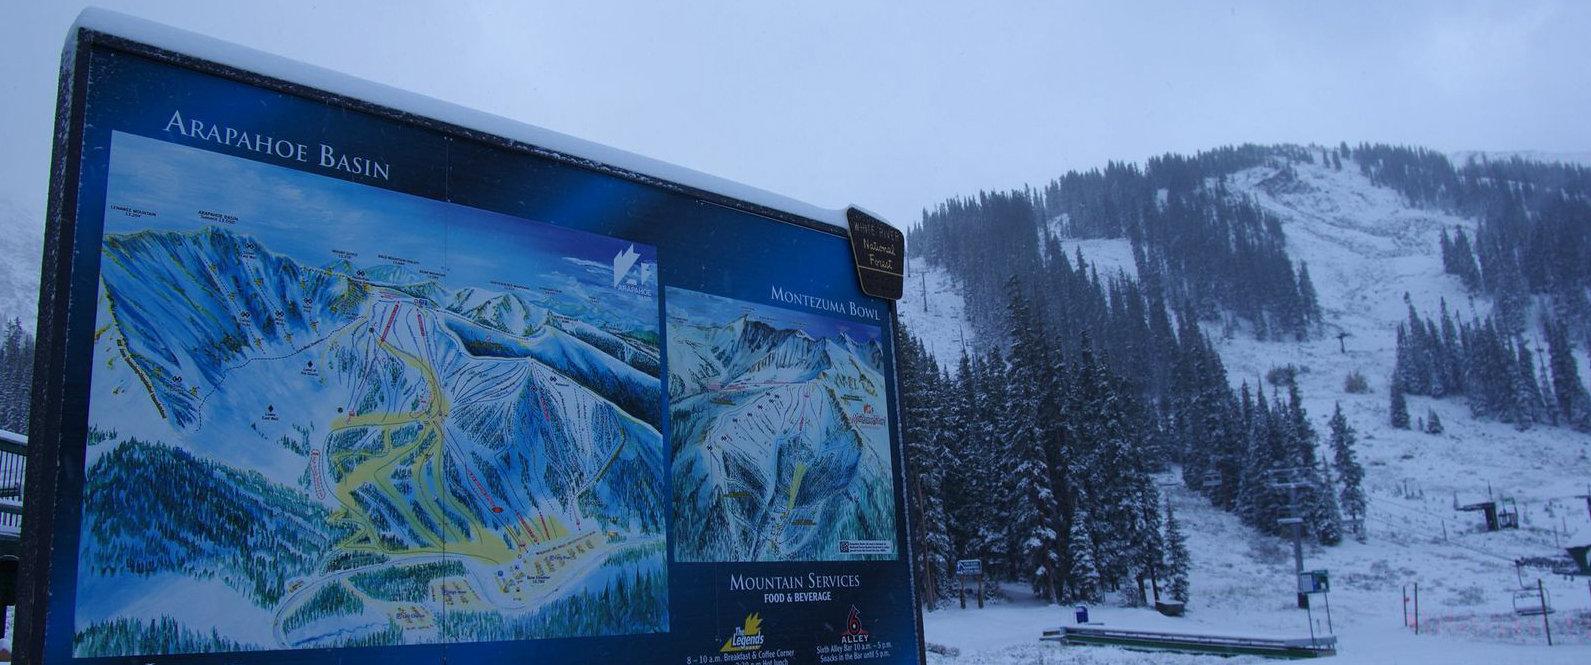 Snow in September! - © Arapahoe Basin Ski Area